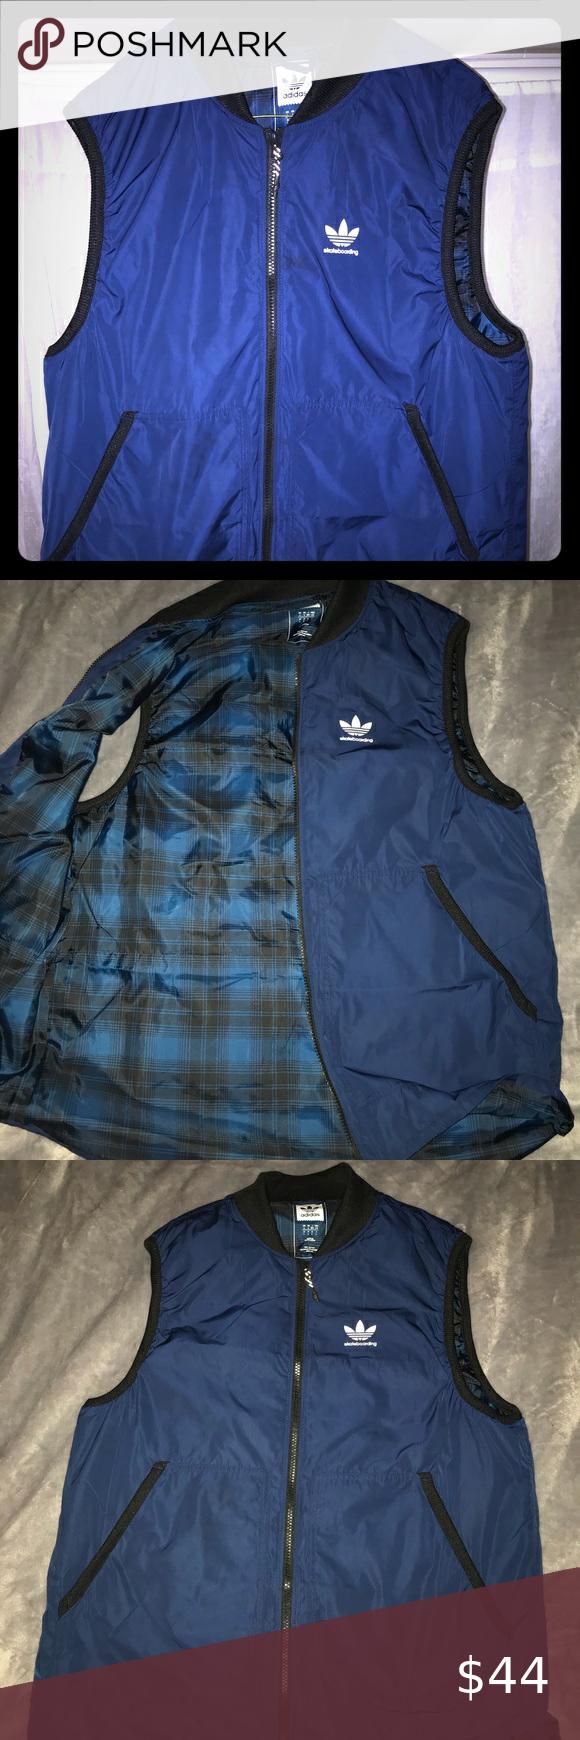 revisión Establecer Cruel  adidas skateboarding Meade light vest in 2020   Adidas skateboarding, Blue  adidas, Clothes design